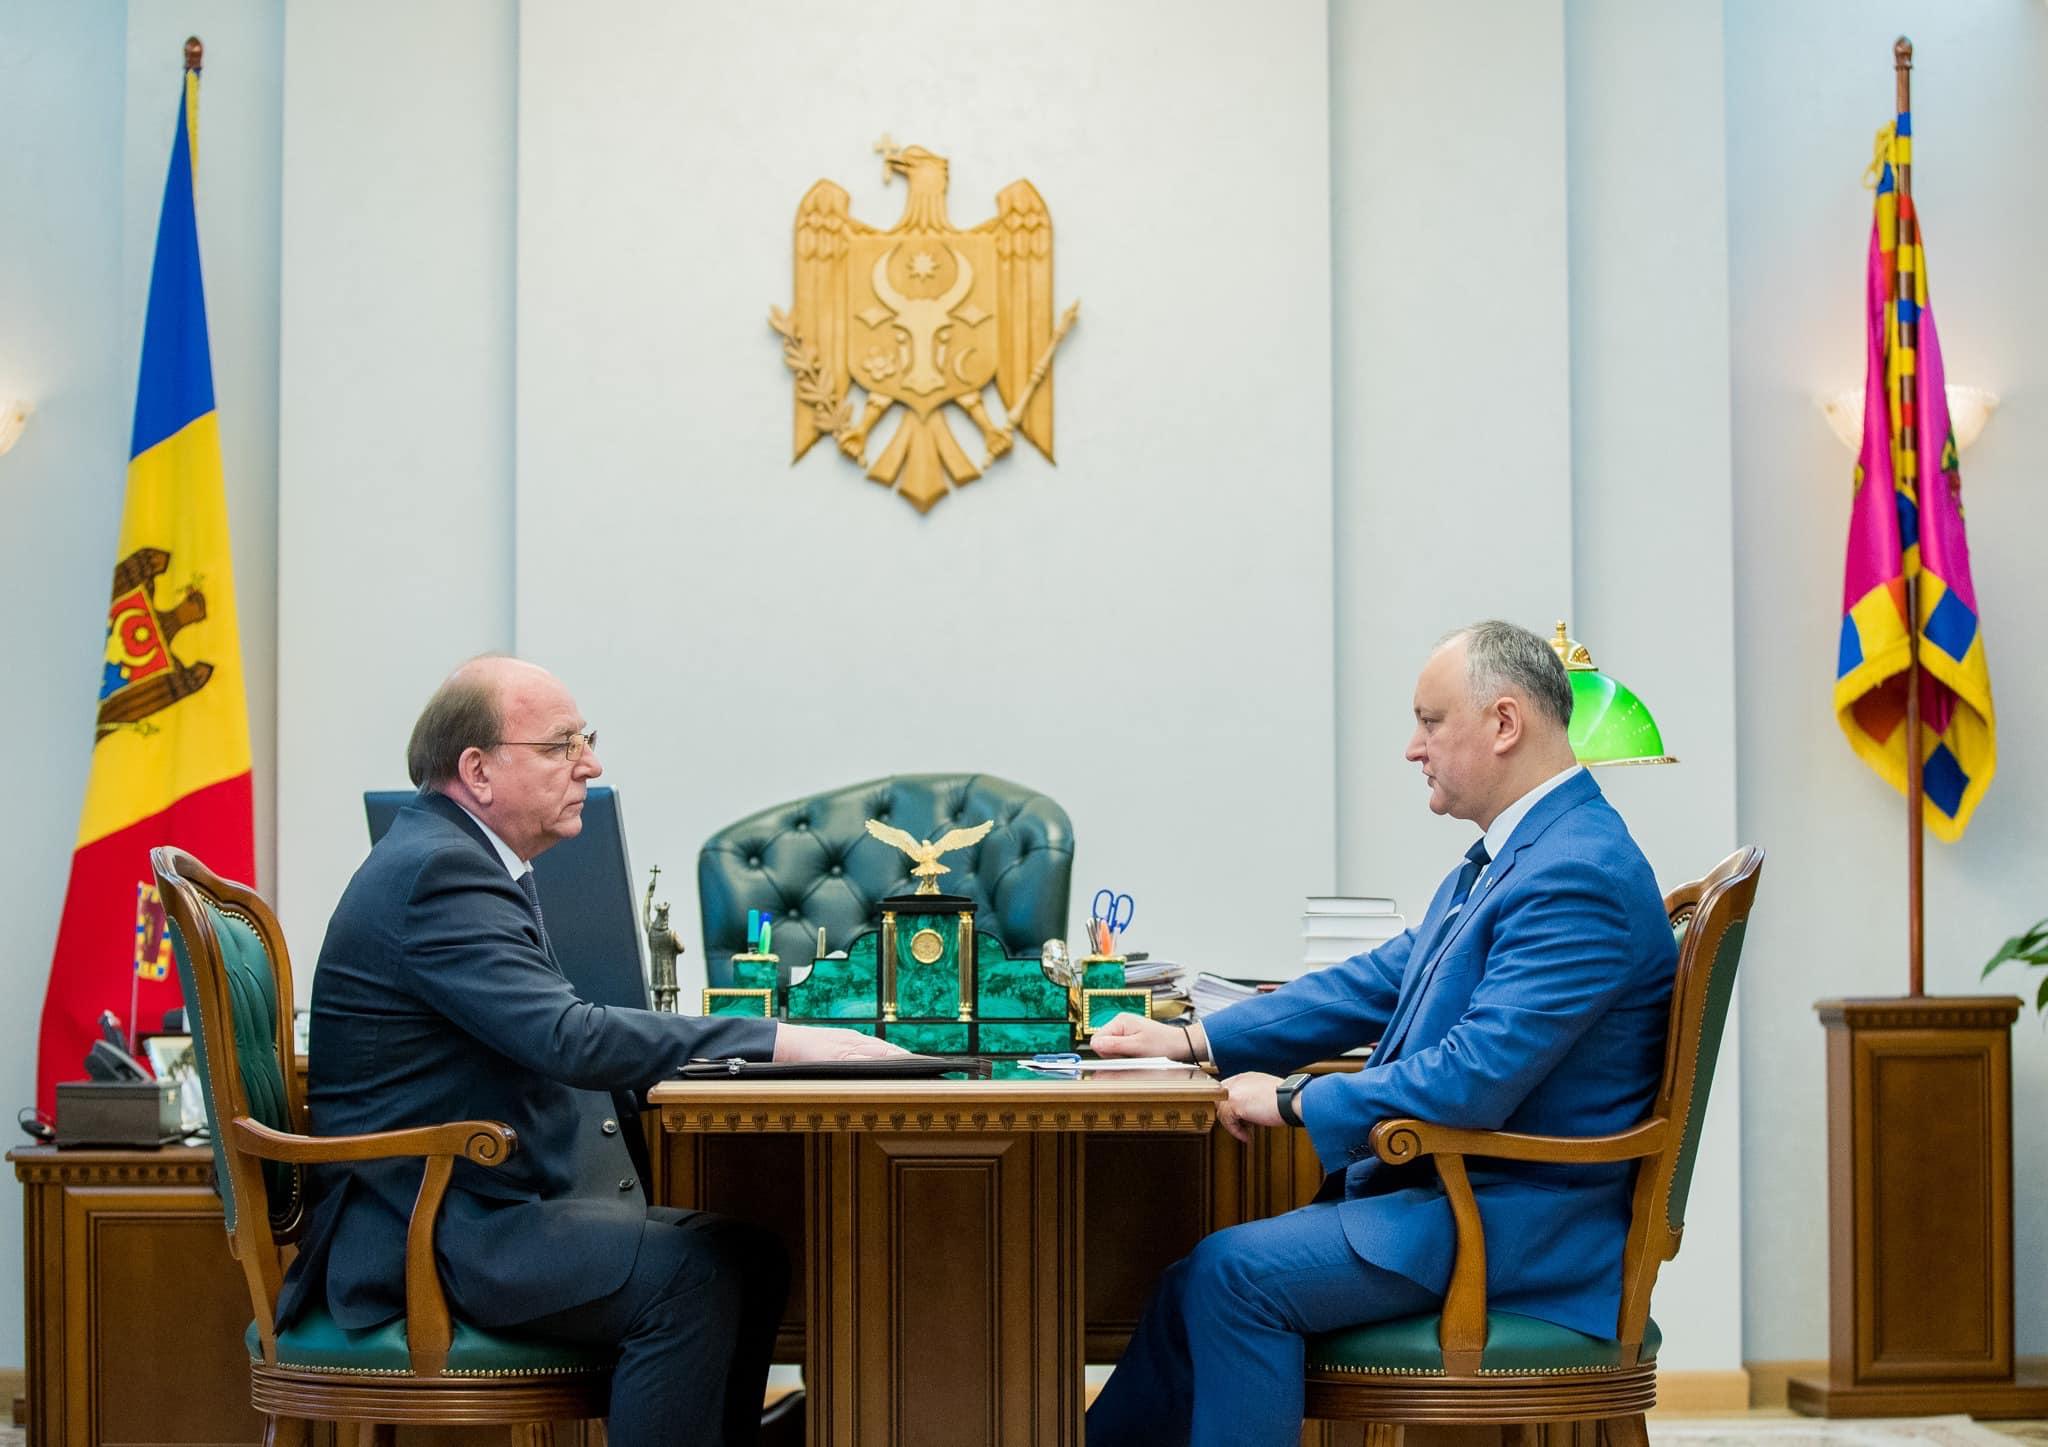 Молдавская продукция возвращается в Россию благодаря усилиям Додона и правительства Кику, – Васнецов